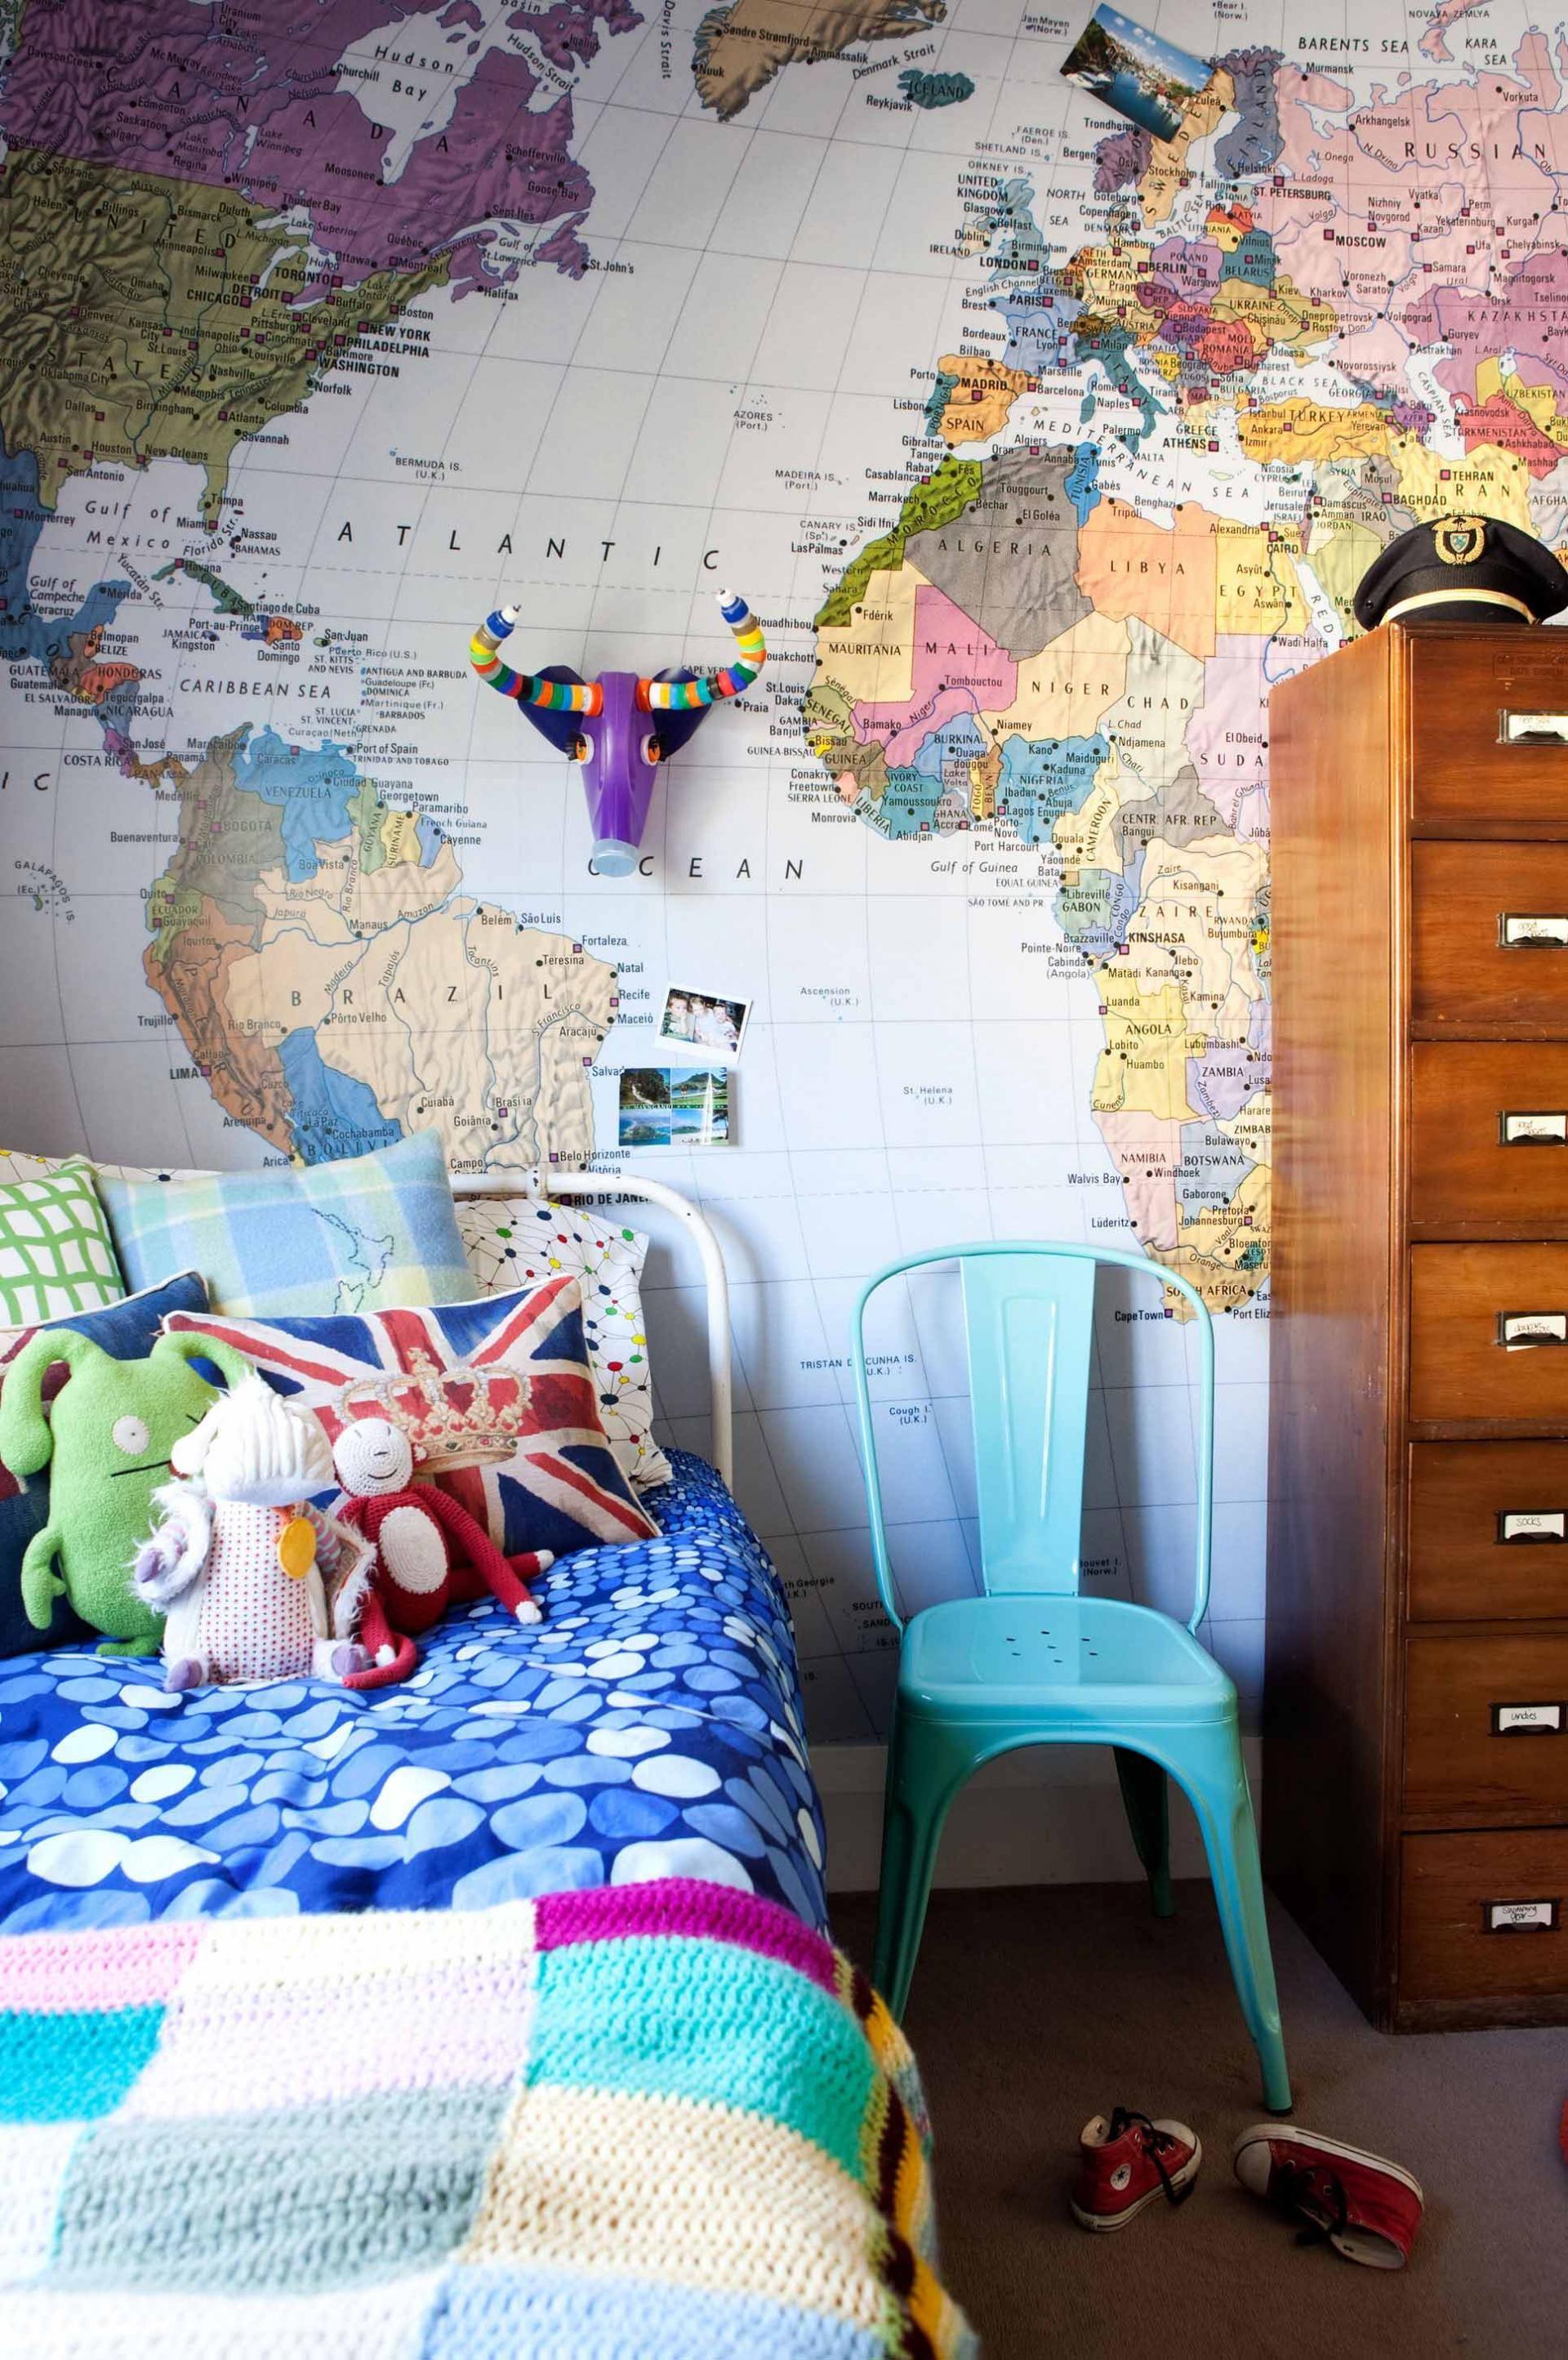 Es Ist Sehr Einfach, Ein Kinderzimmer Zu Malen, Aber Es Ist Jetzt  Altmodisch Geworden. Heute Werden Für Kinderzimmer Tapeten Bevorzugt,